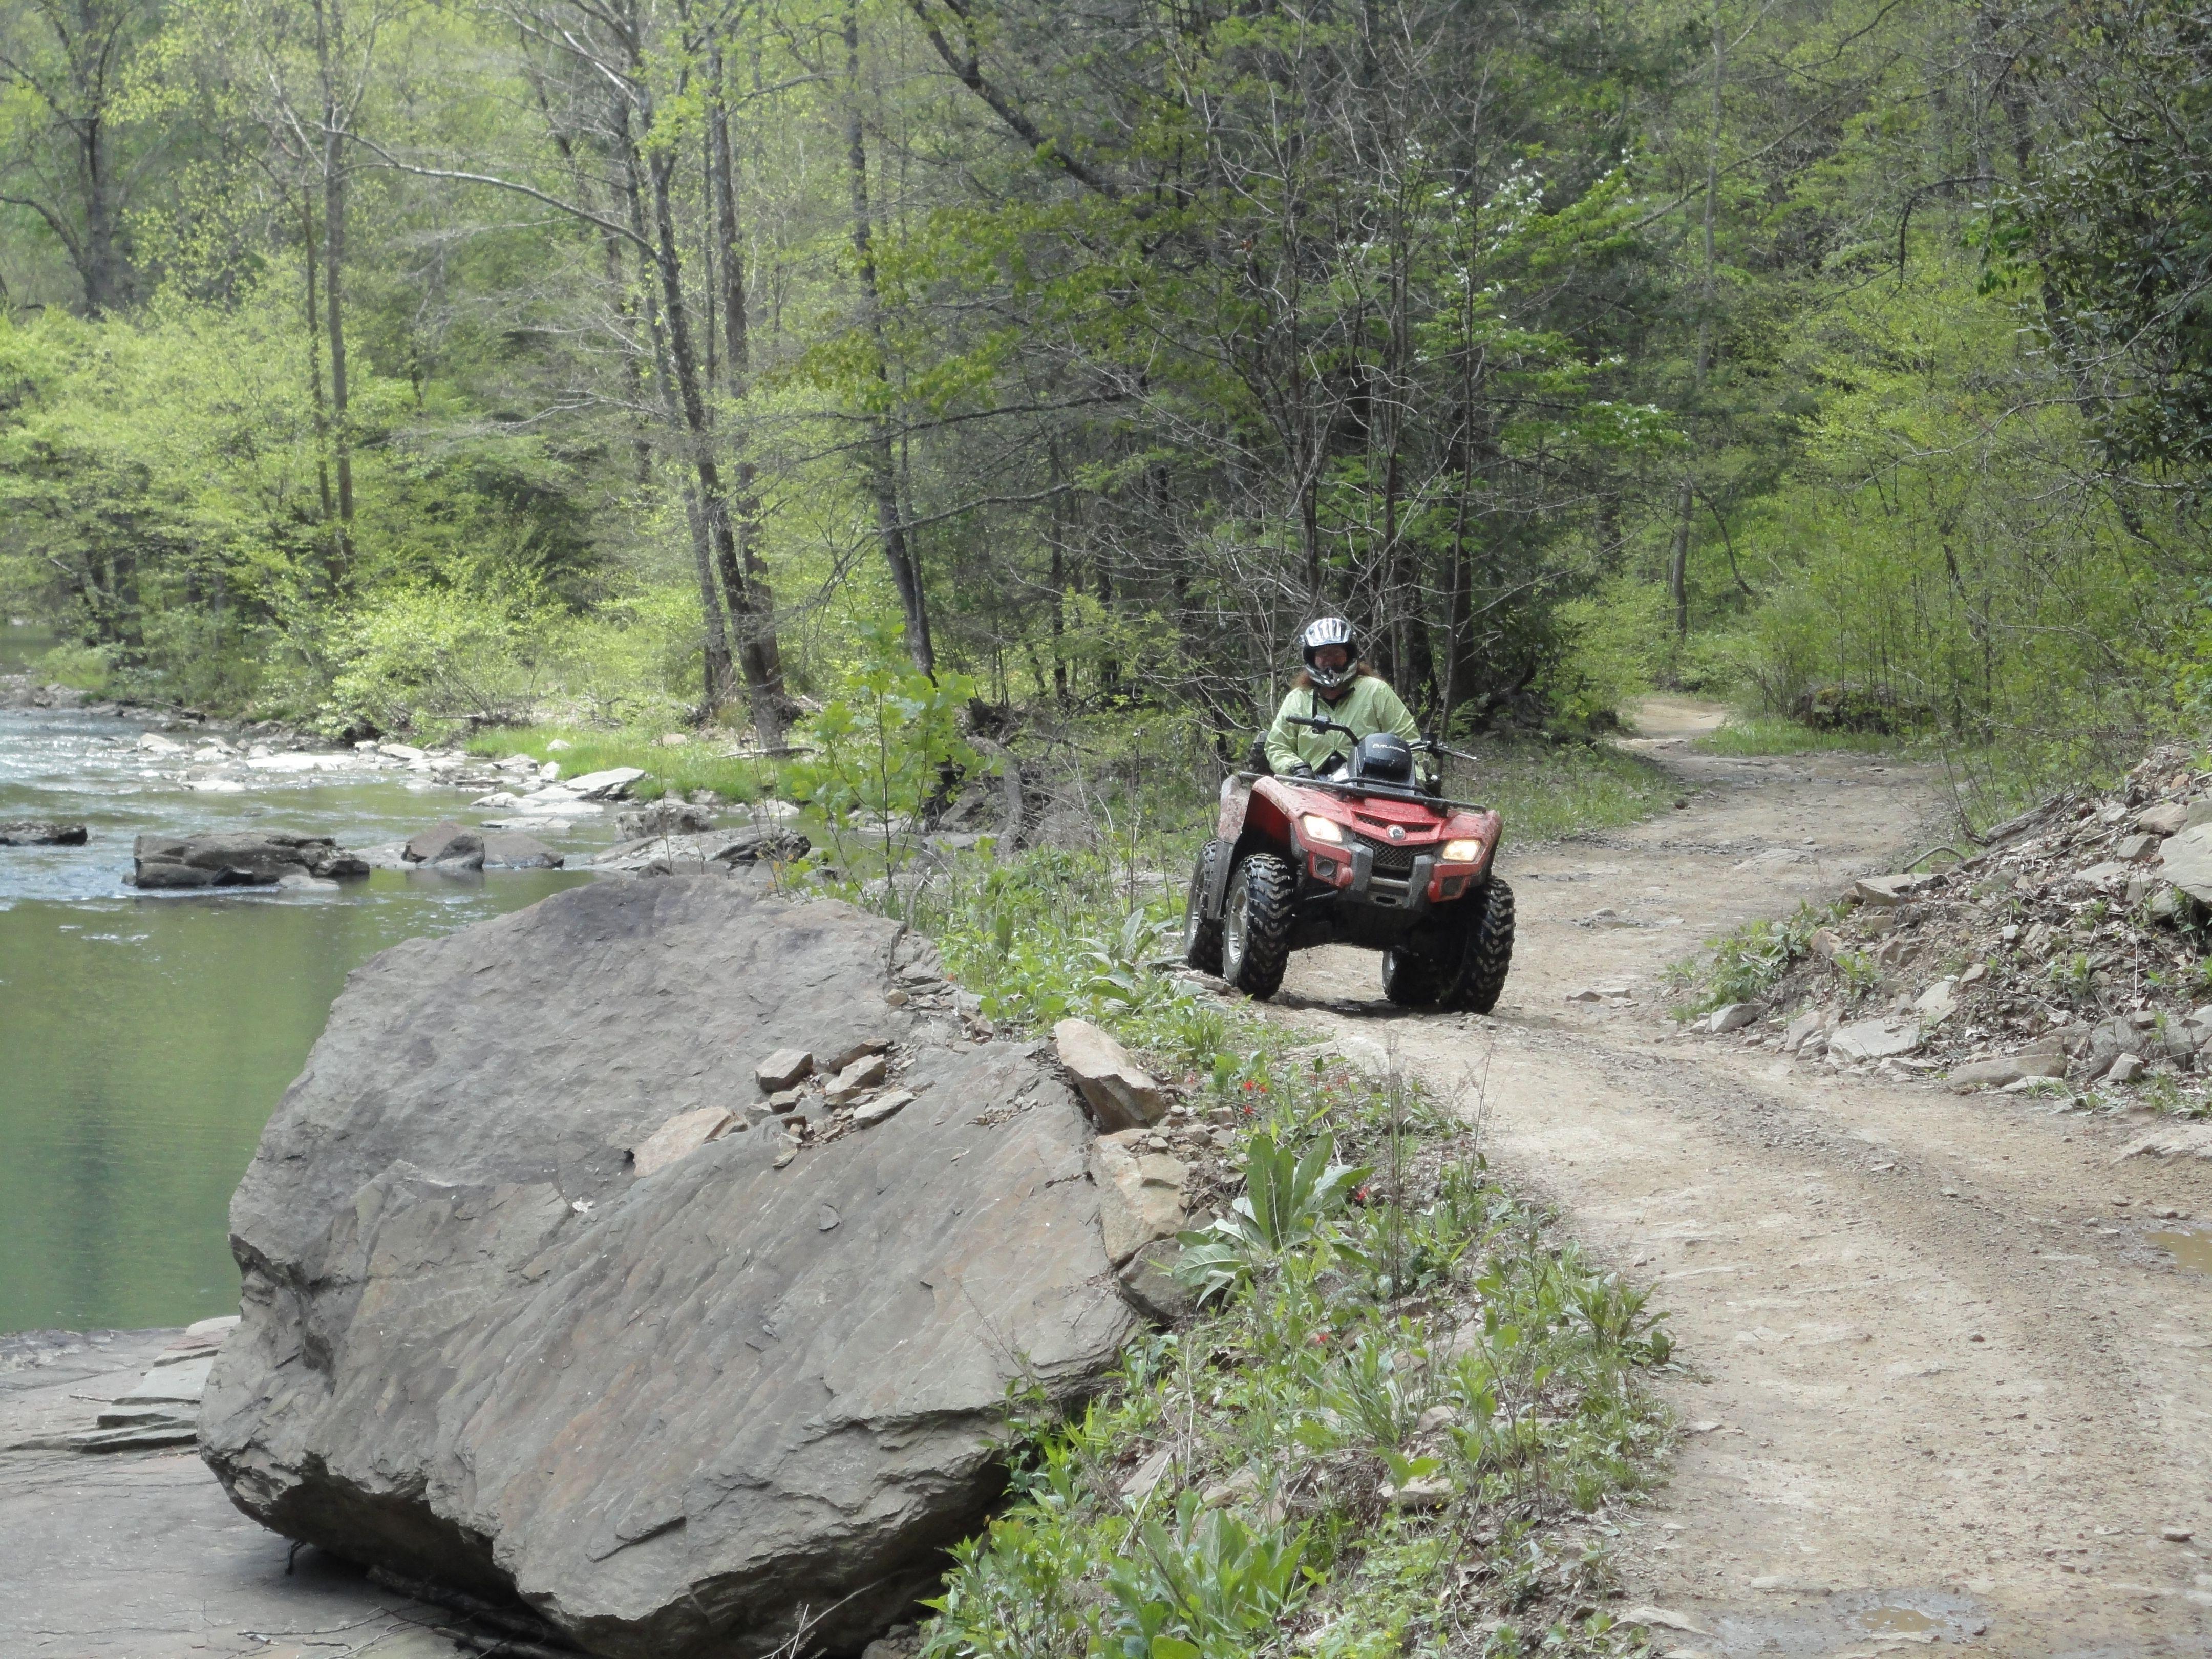 Nita Riding Pinnacle Creek Trail 26 Riding Dirtbikes Trail